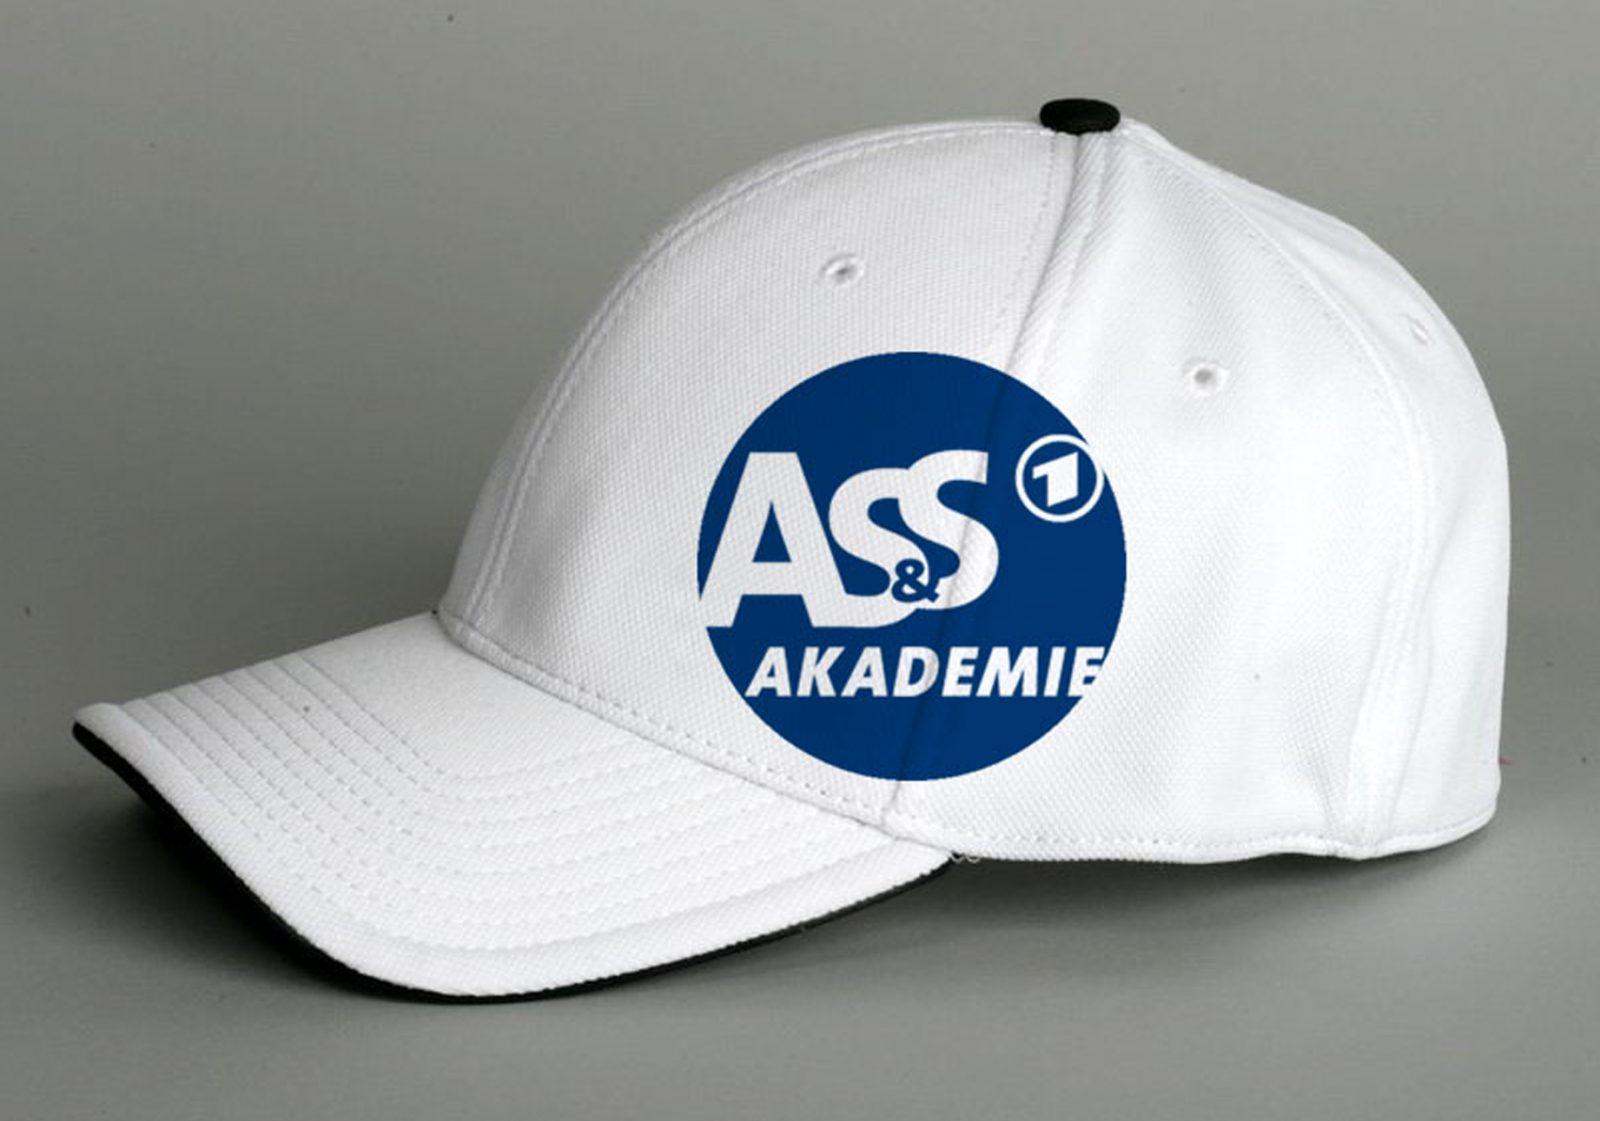 Ass Akademie Cap